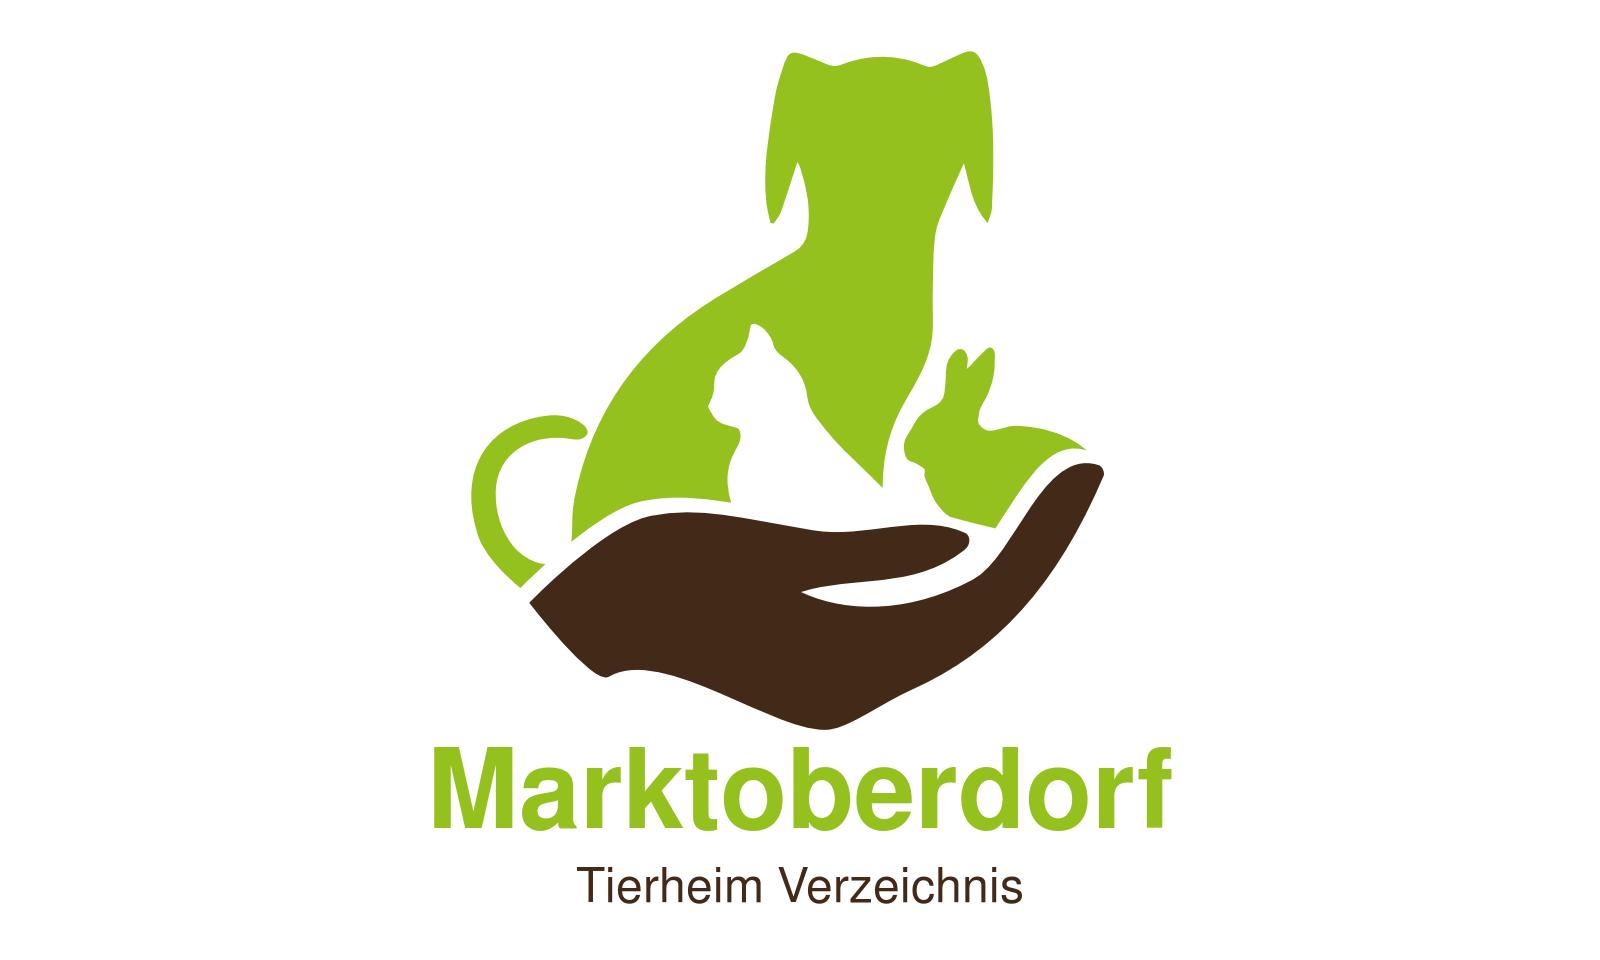 Tierheim Marktoberdorf